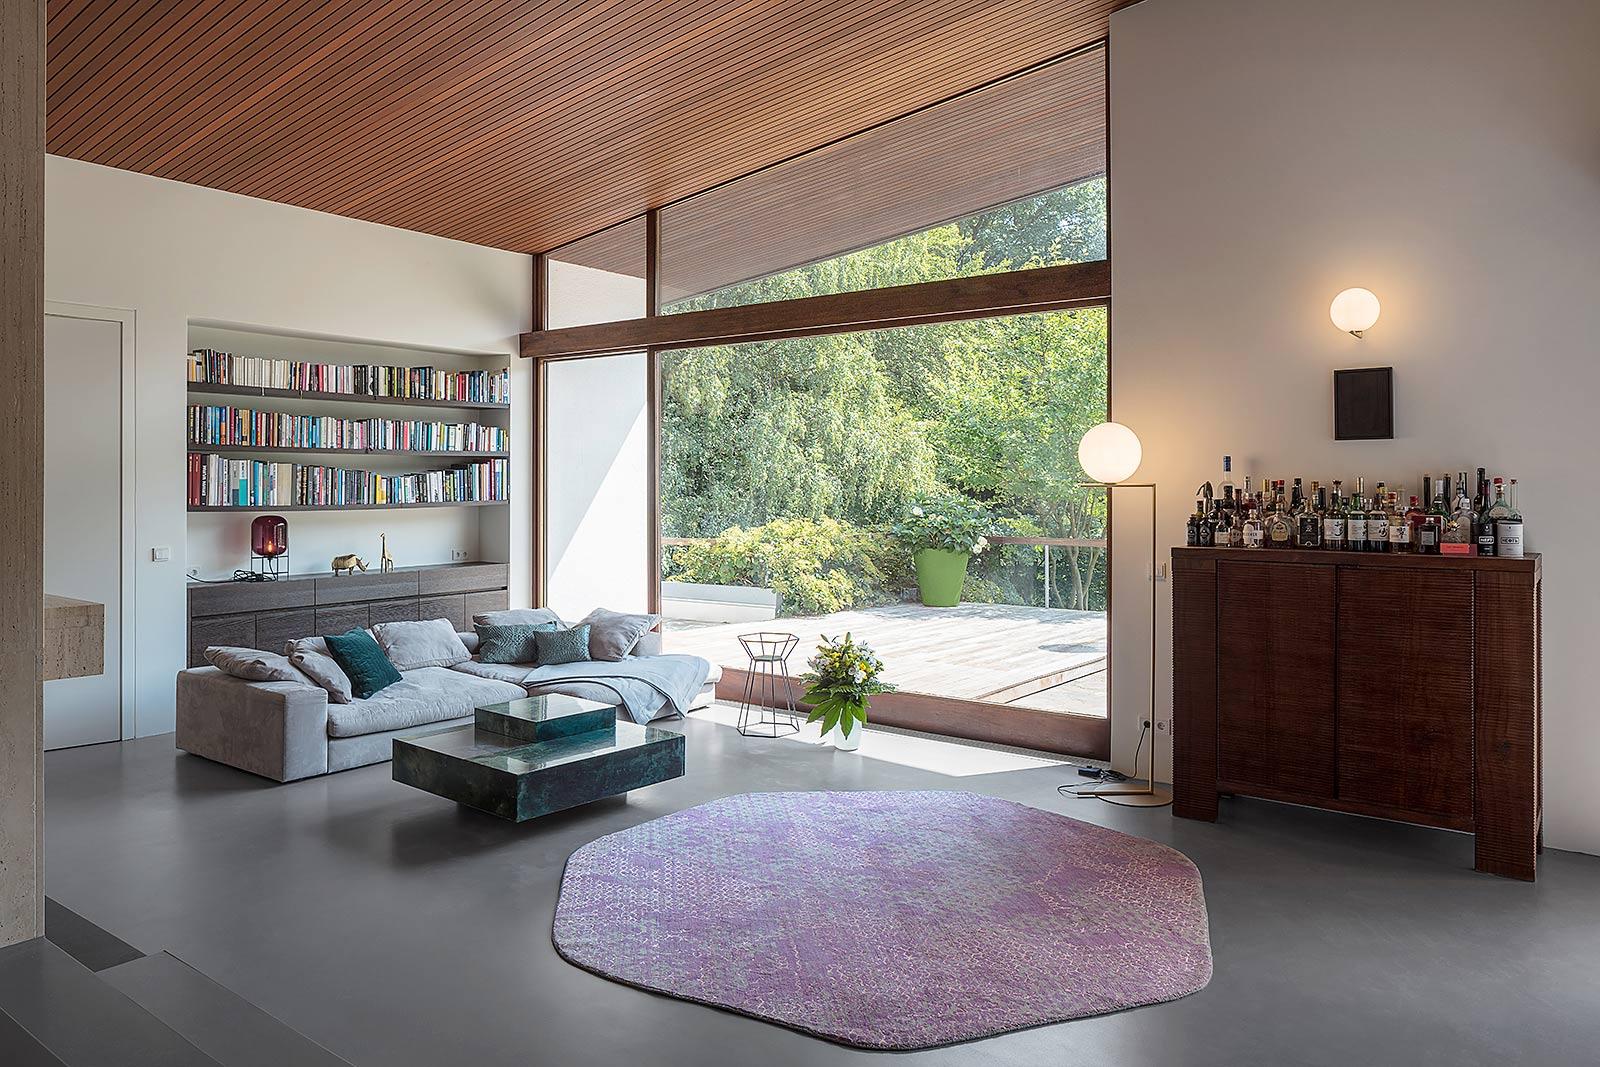 Architekturfotograf für Innenräume Gabriel Buechelmeier